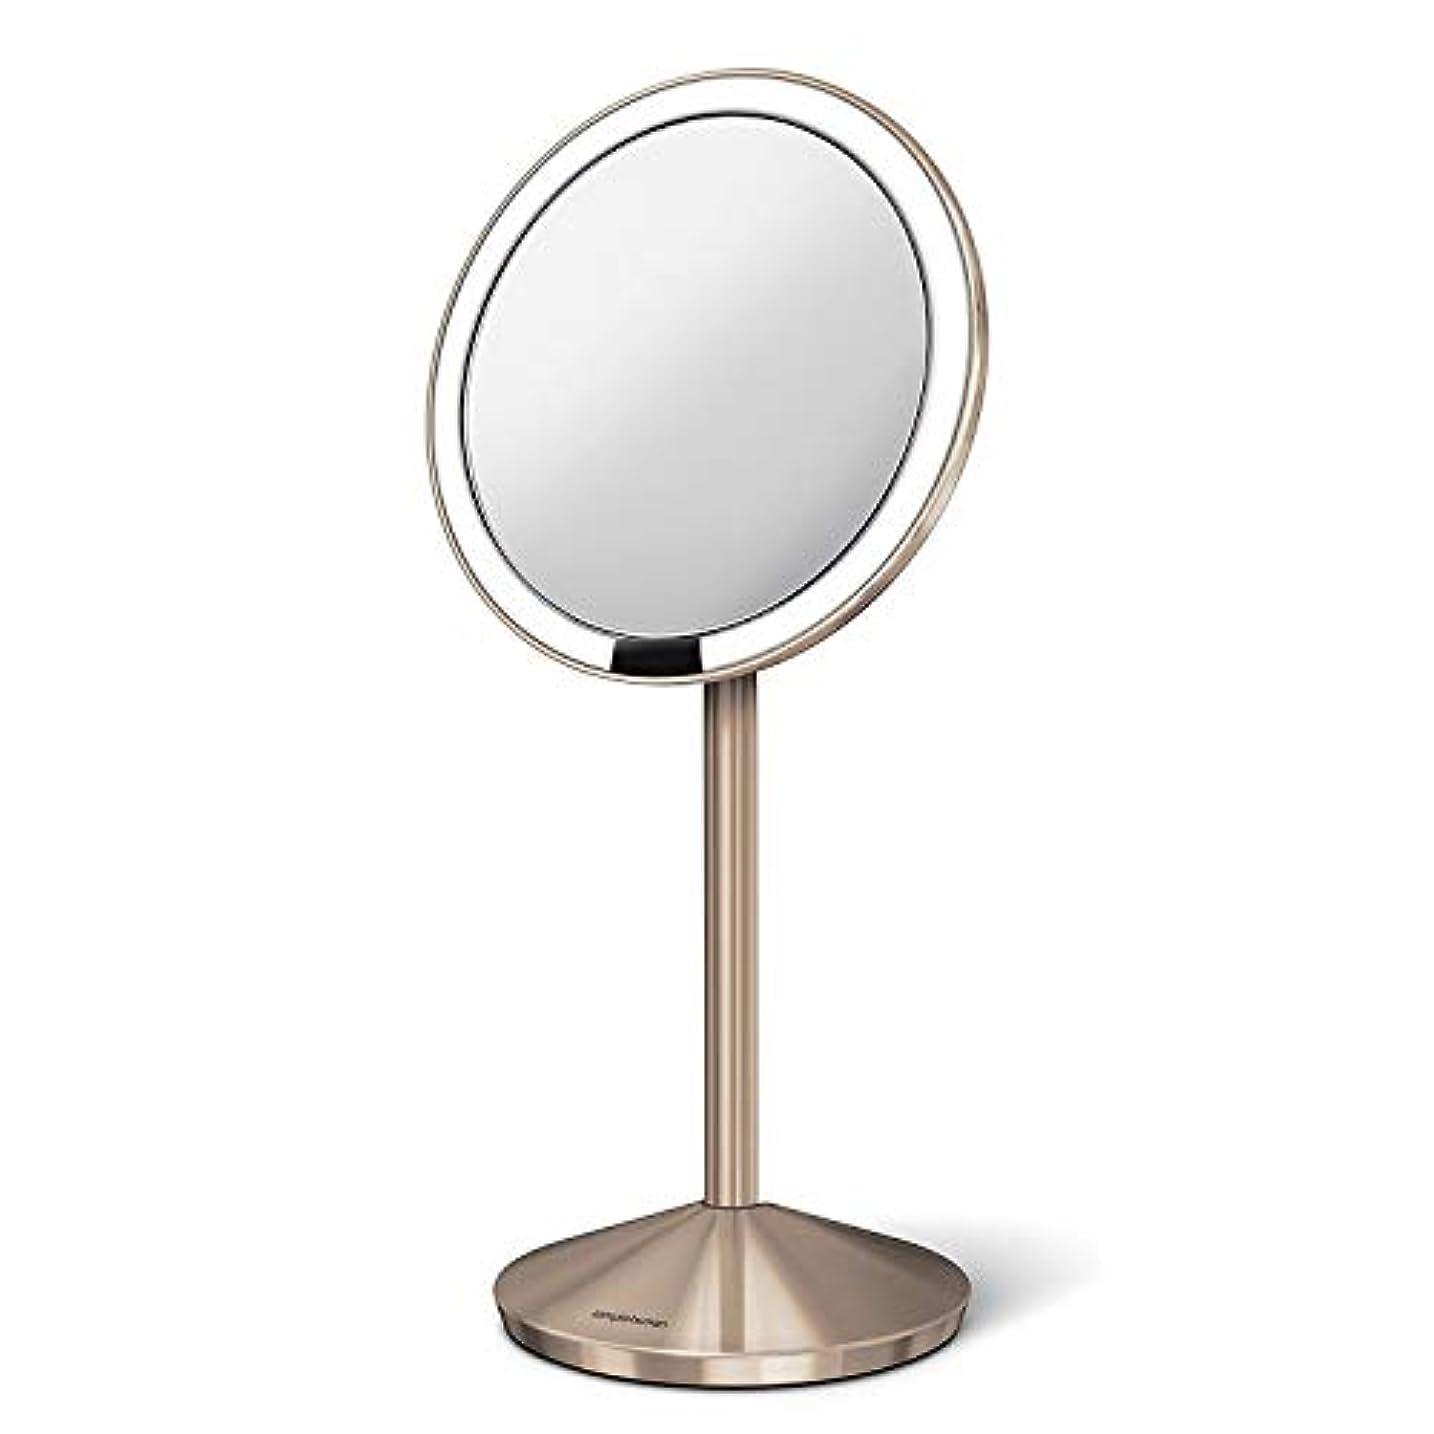 深さ生活表向きsimplehuman 5インチセンサーミラー 照明付きメイクアップミラー 10倍拡大 ステンレススチール 5 inch diameter ゴールド ST3010